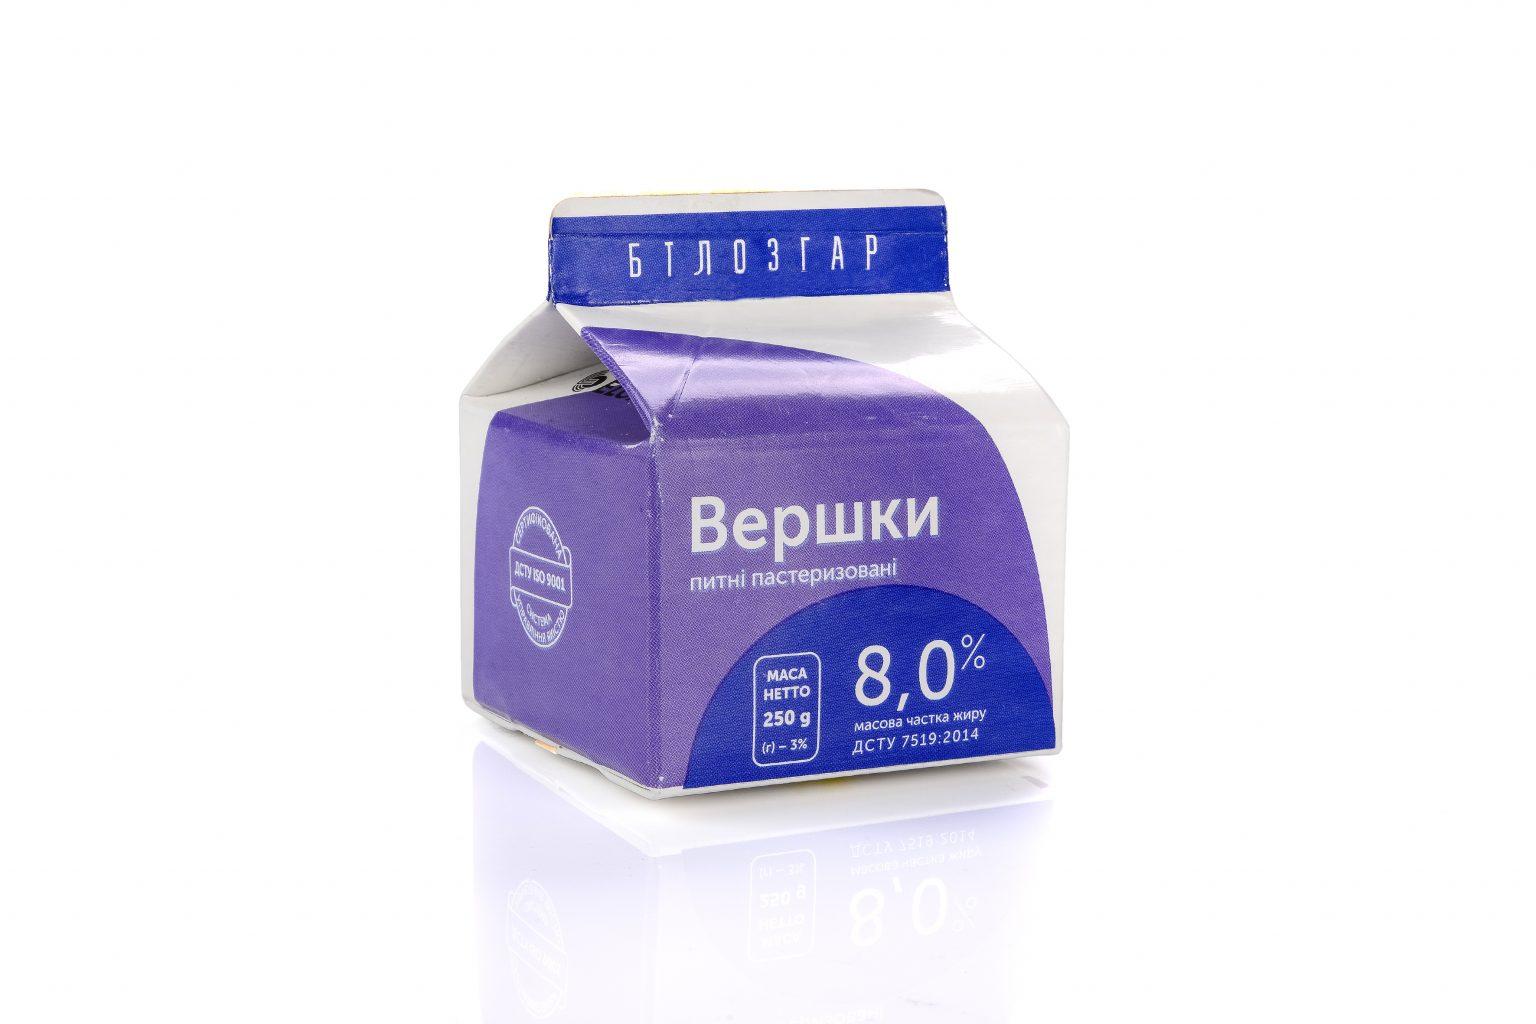 Pasteurized 8% fat liquid cream